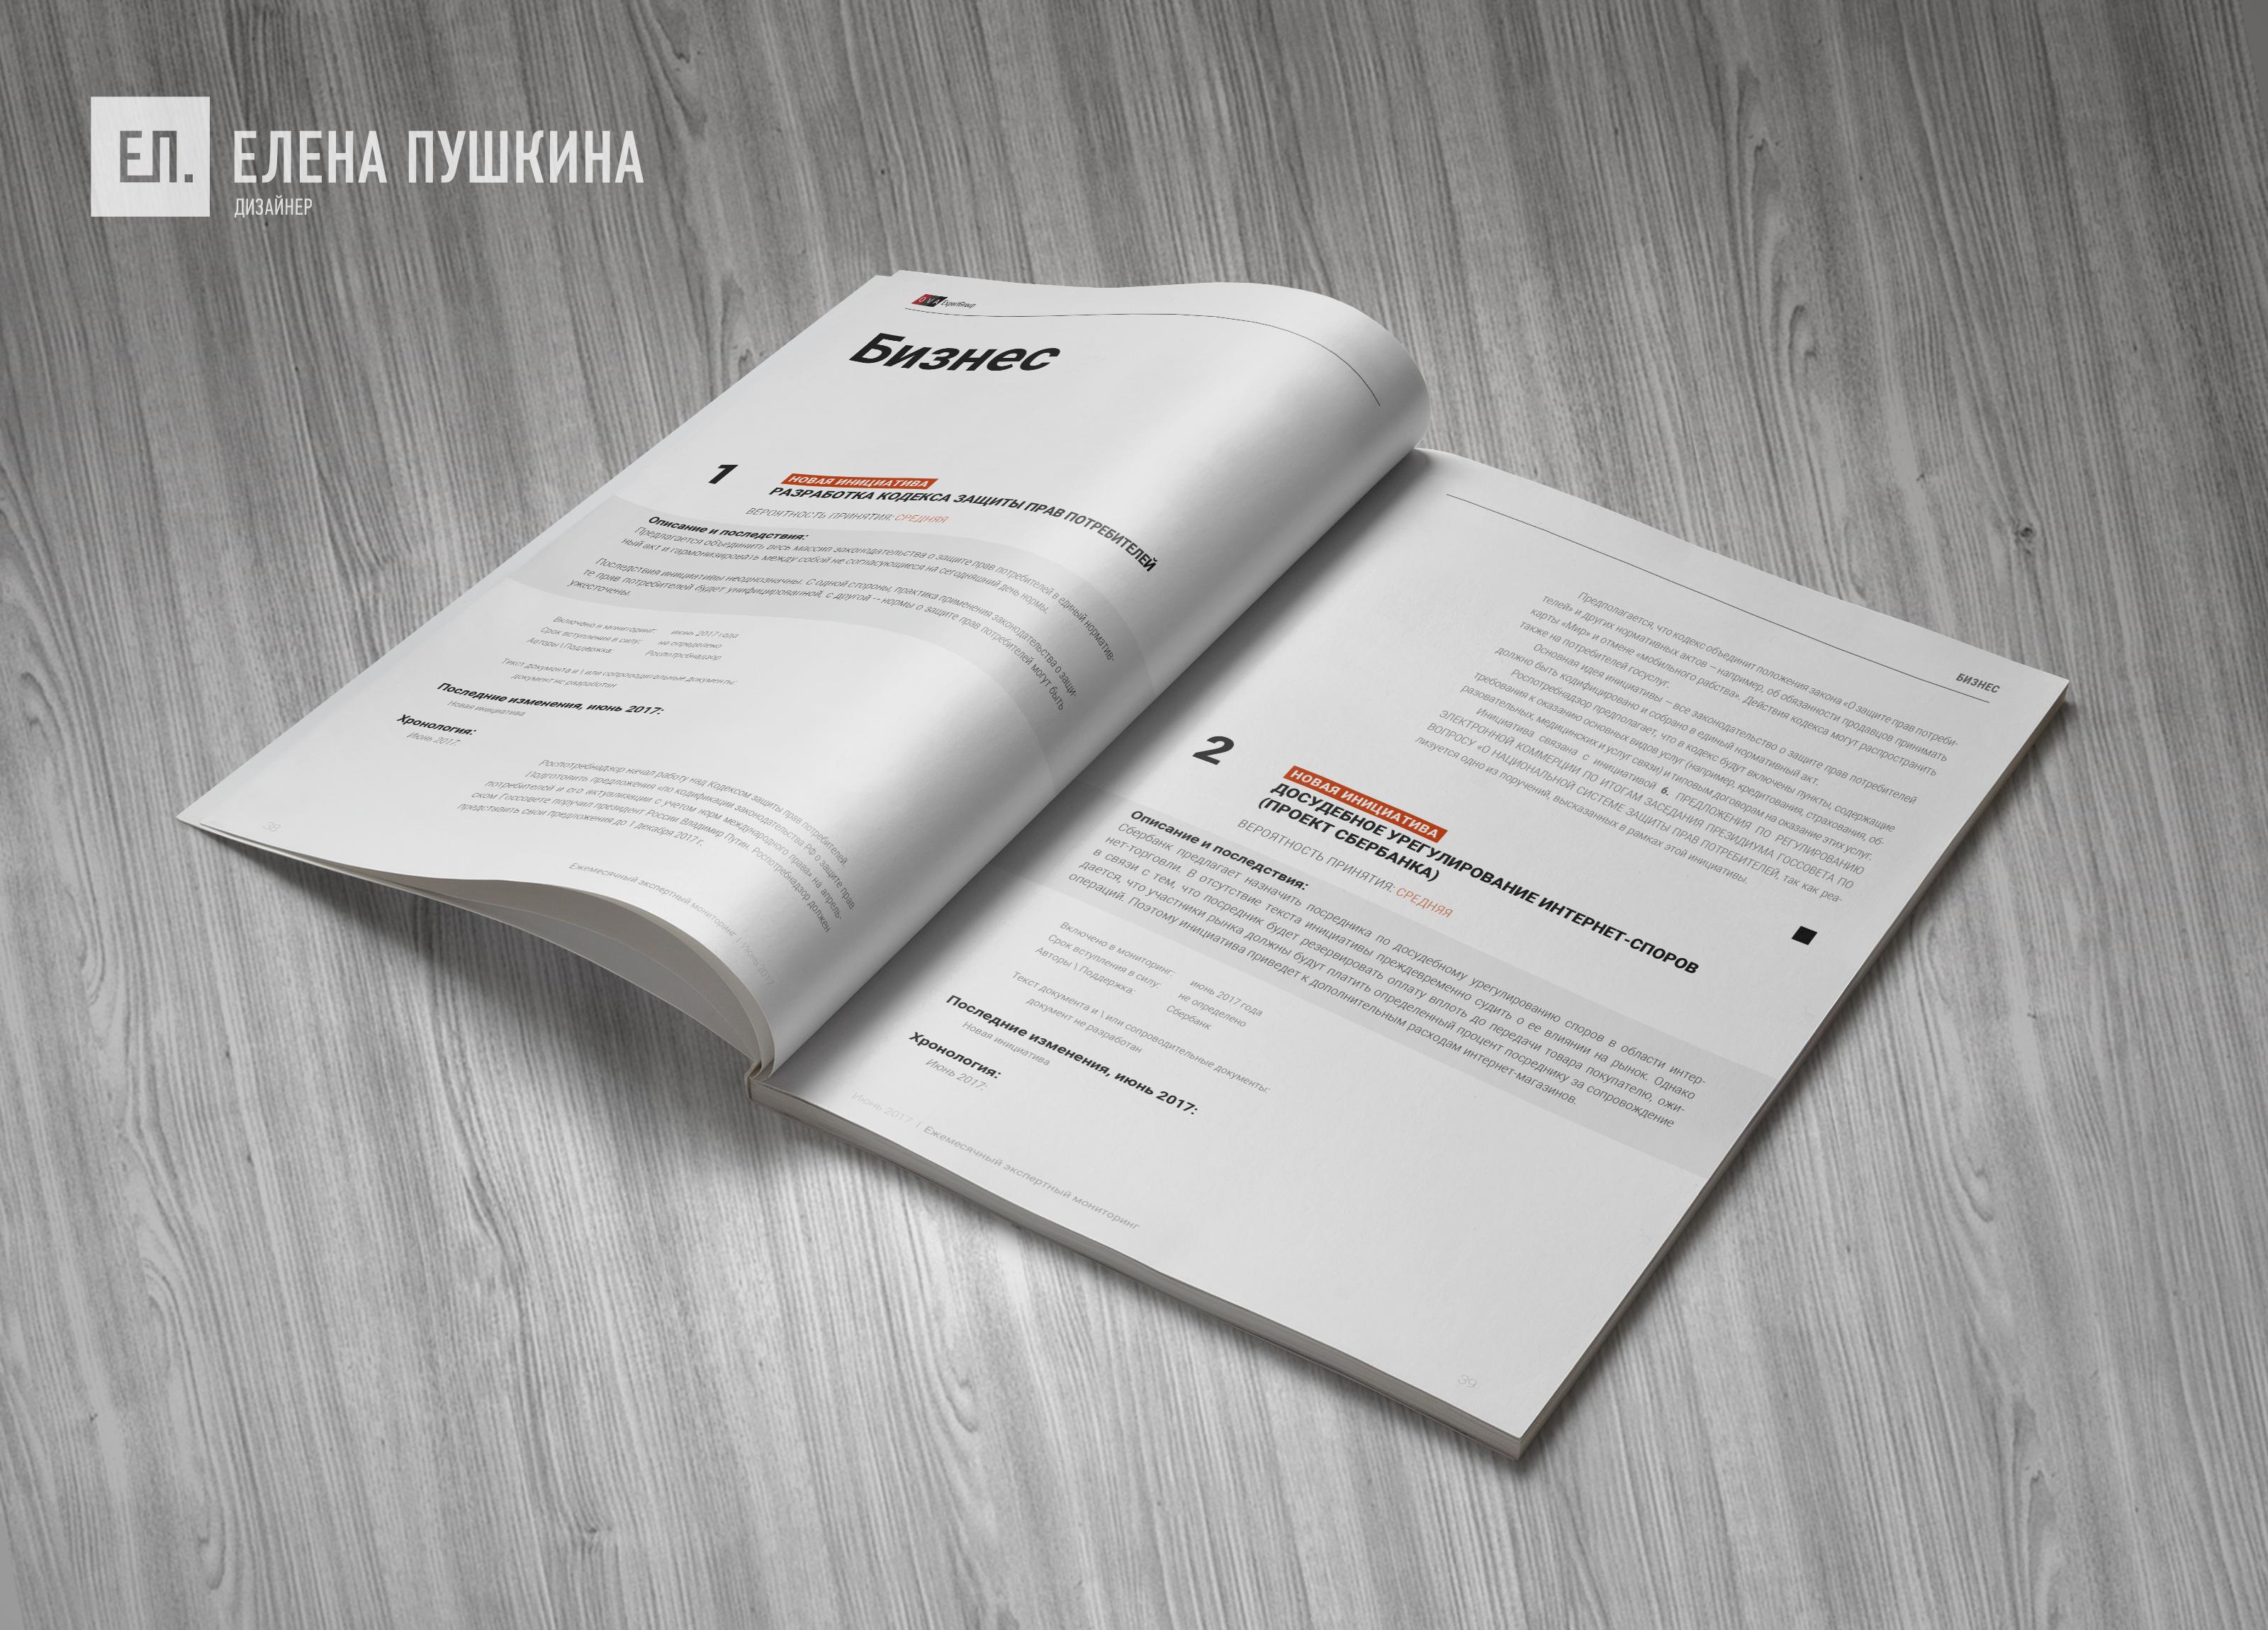 Аналитический отчёт «Ежемесячный экспертный отчёт»— дизайн с«нуля» обложки, макета, инфографики ивёрстка брошюры Дизайн брошюр, буклетов Портфолио